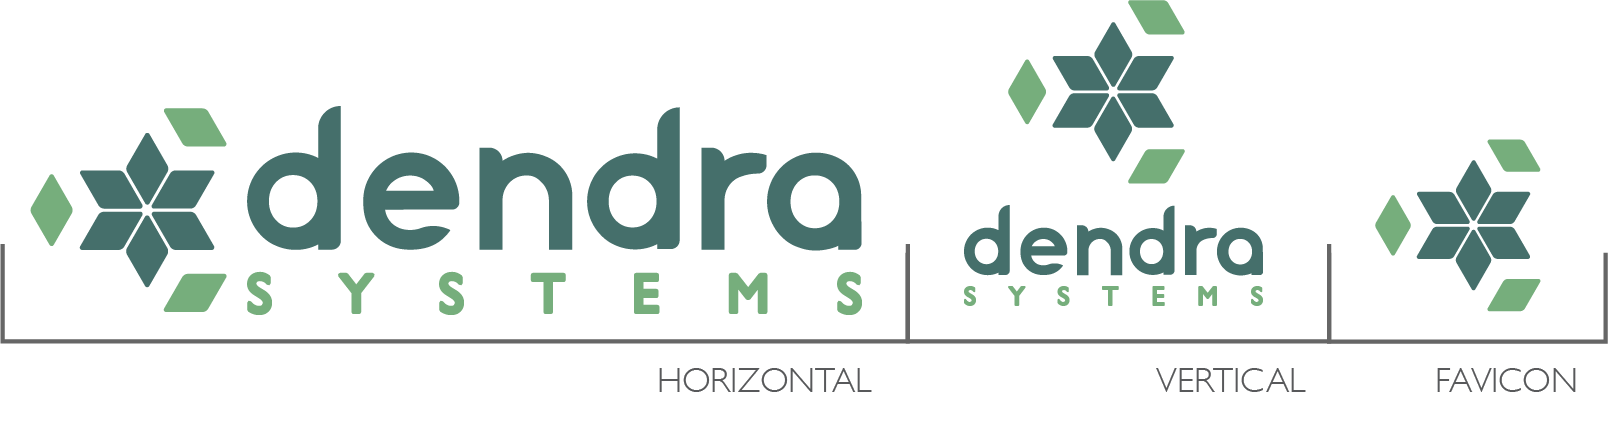 brand design flower logo